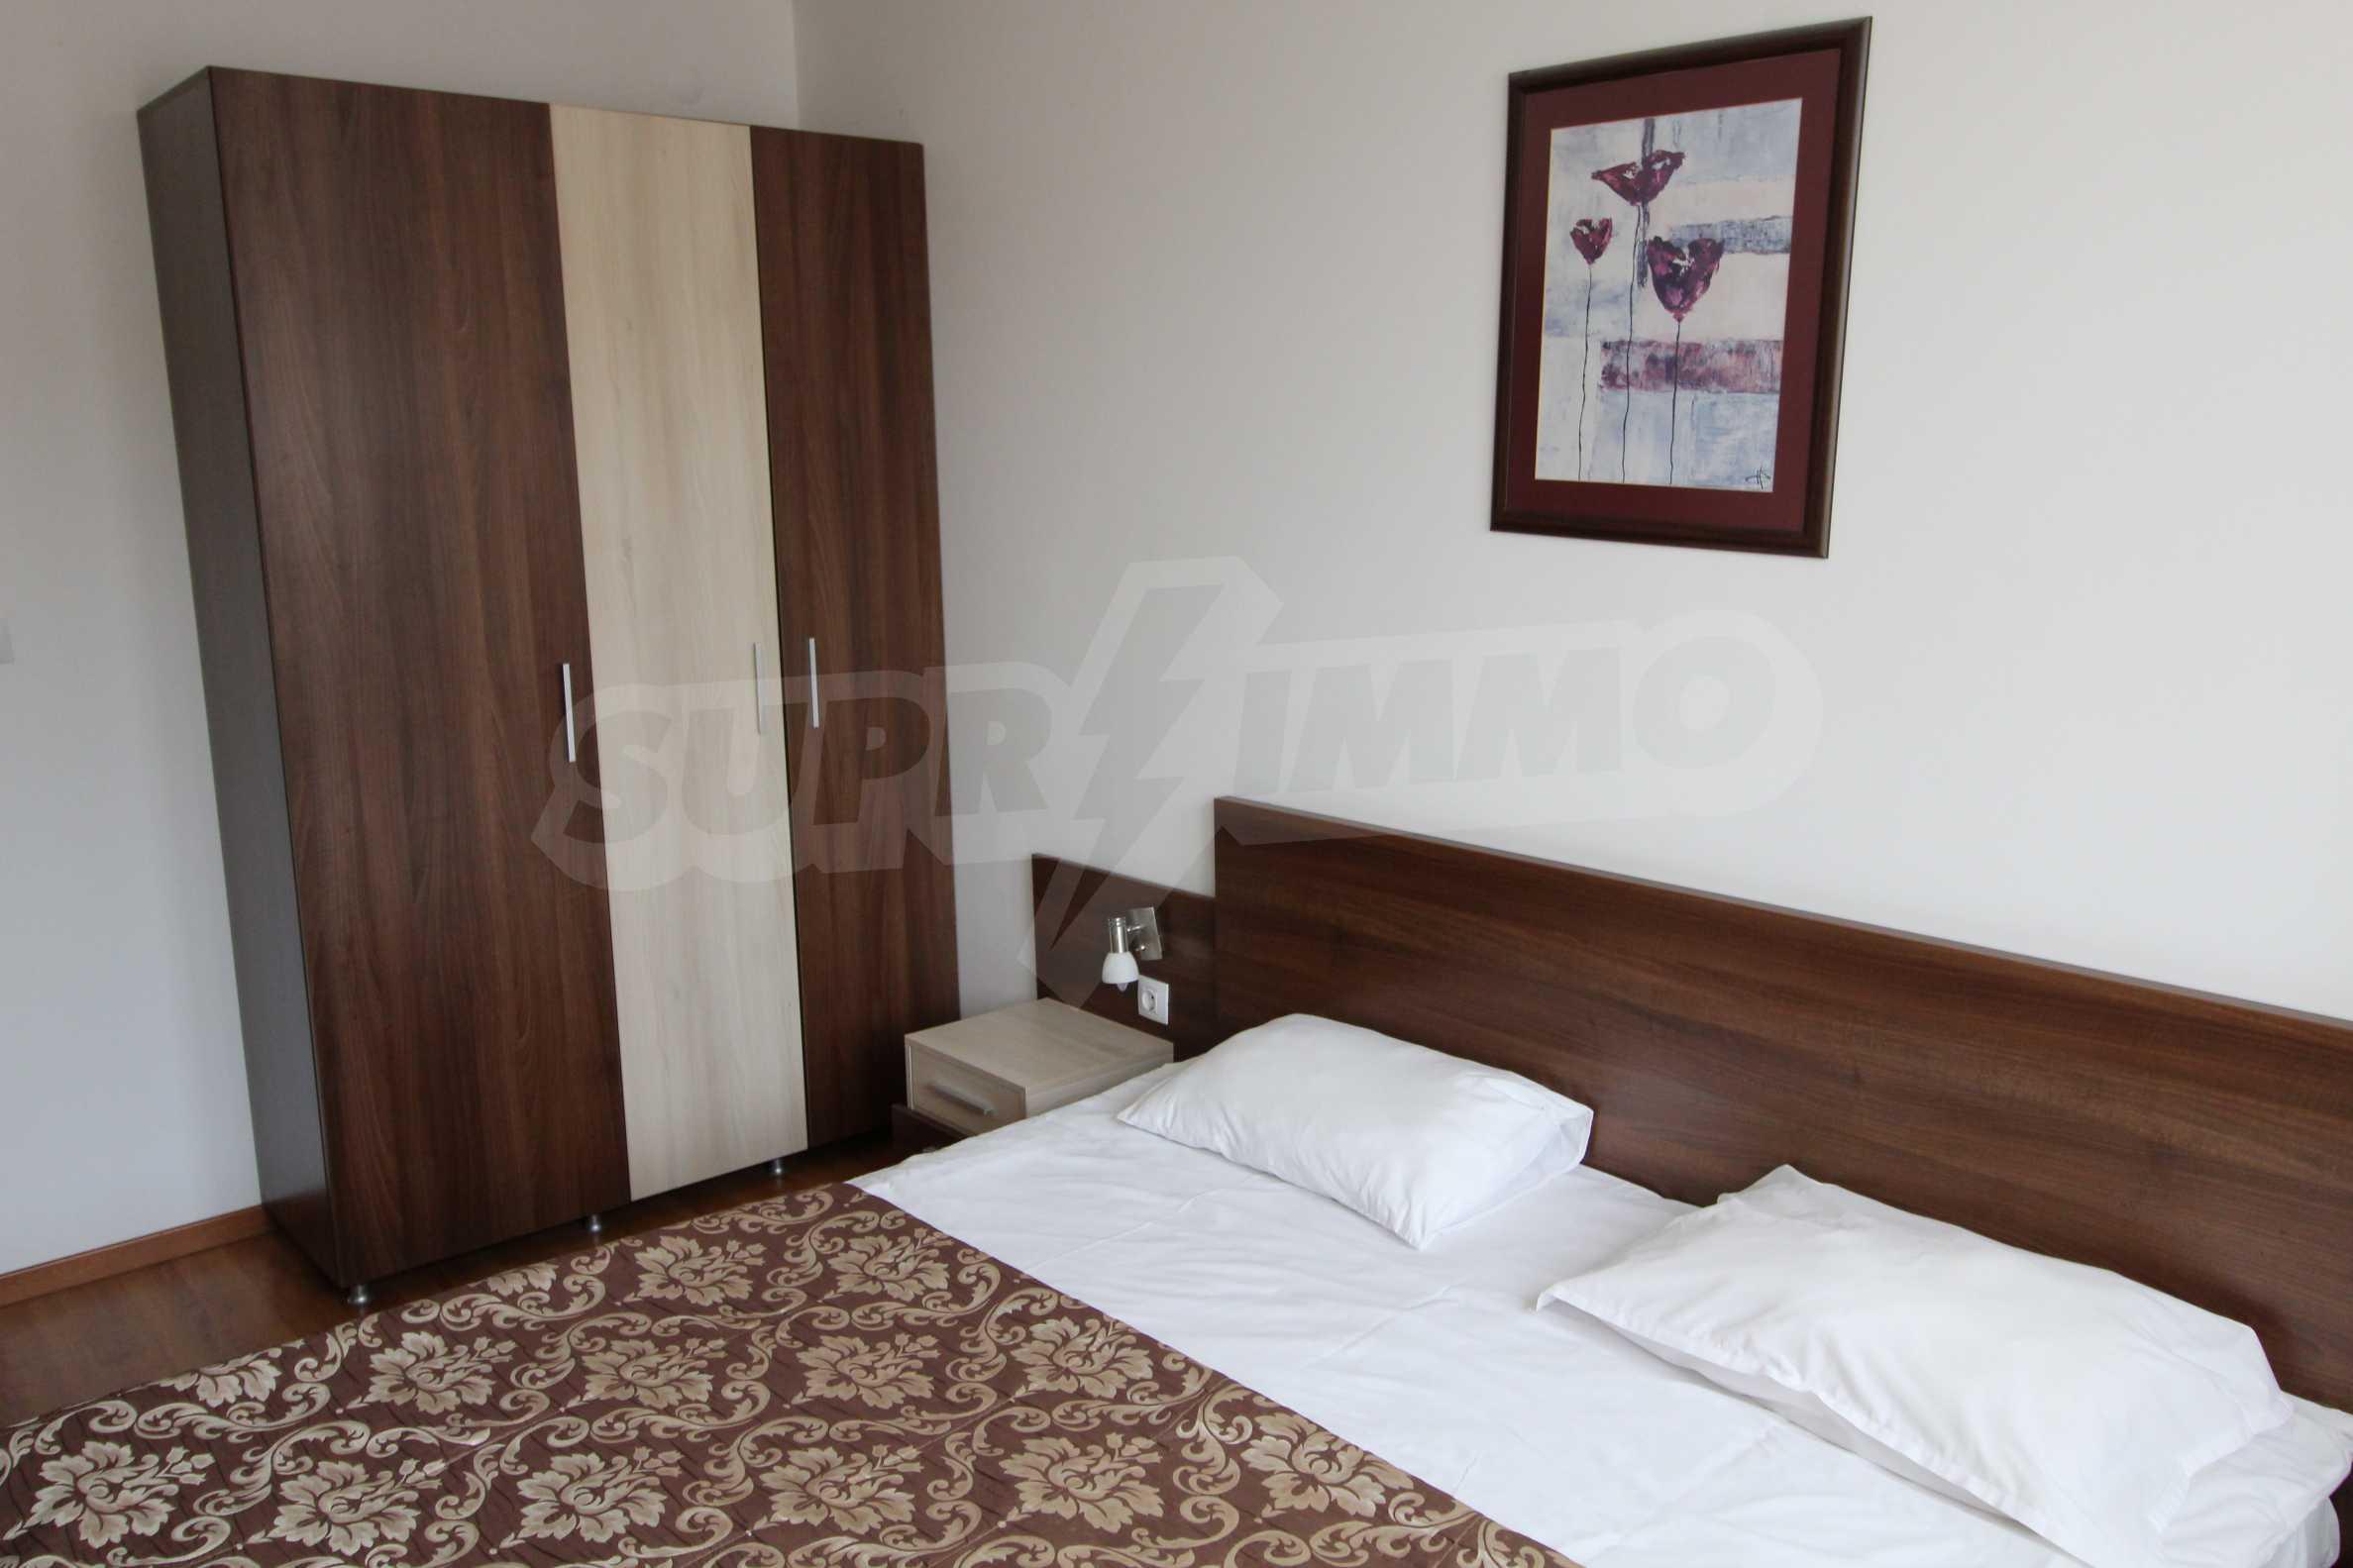 Двустаен апартамент с модерно обзавеждане в Банско 6